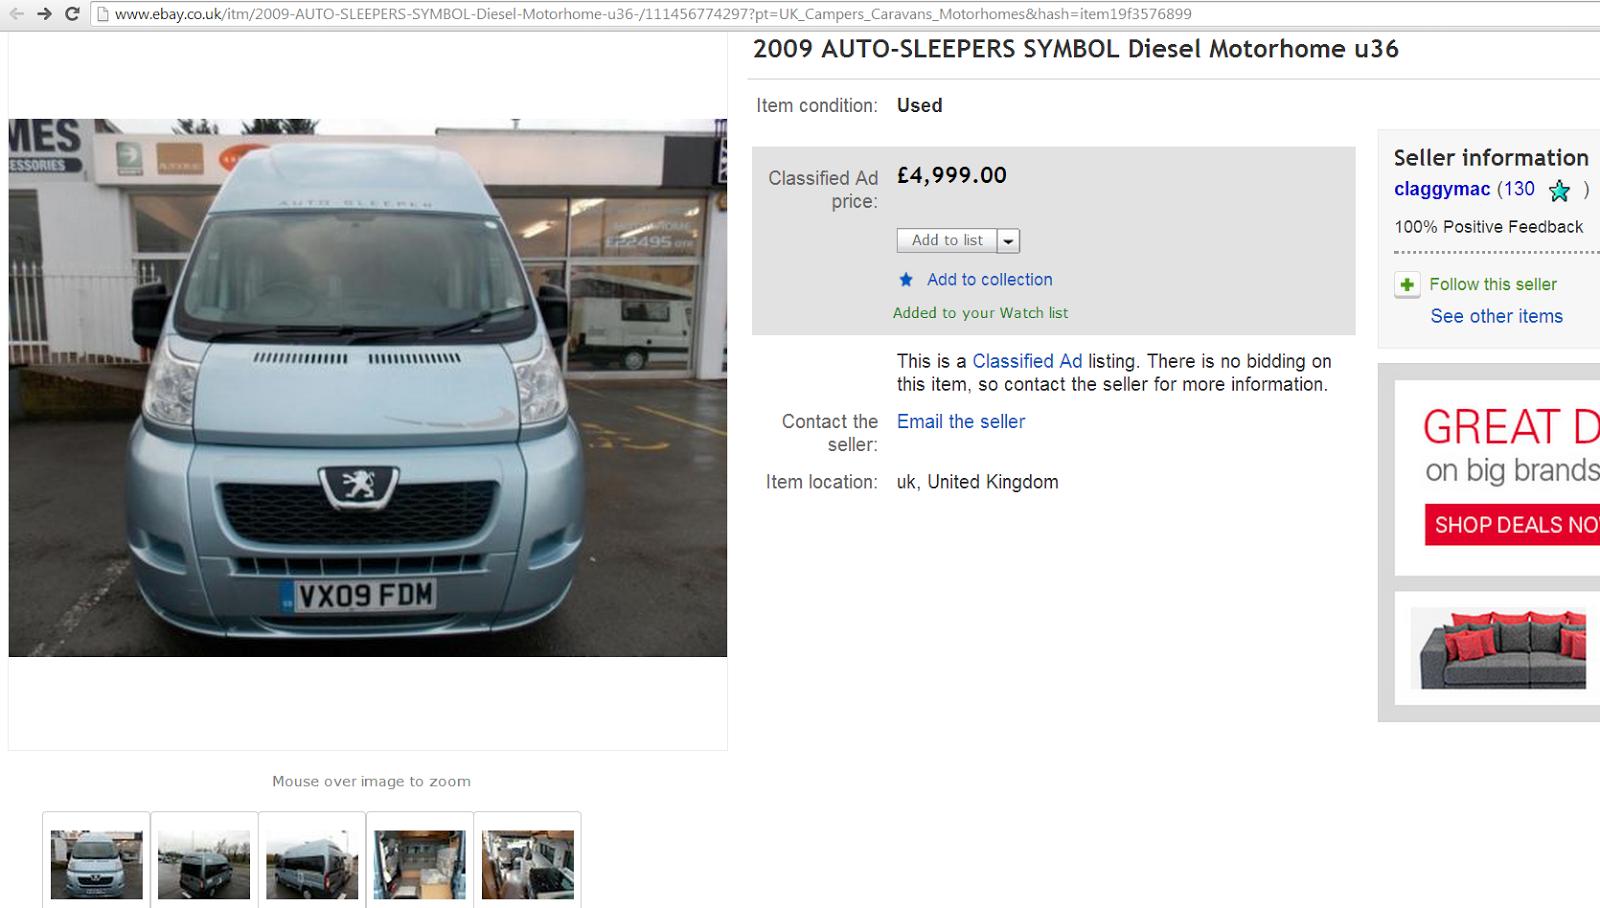 Http www ebay co uk itm 2009 auto sleepers symbol diesel motorhome u36 111456774297 pt uk_campers_caravans_motorhomes hash item19f3576899